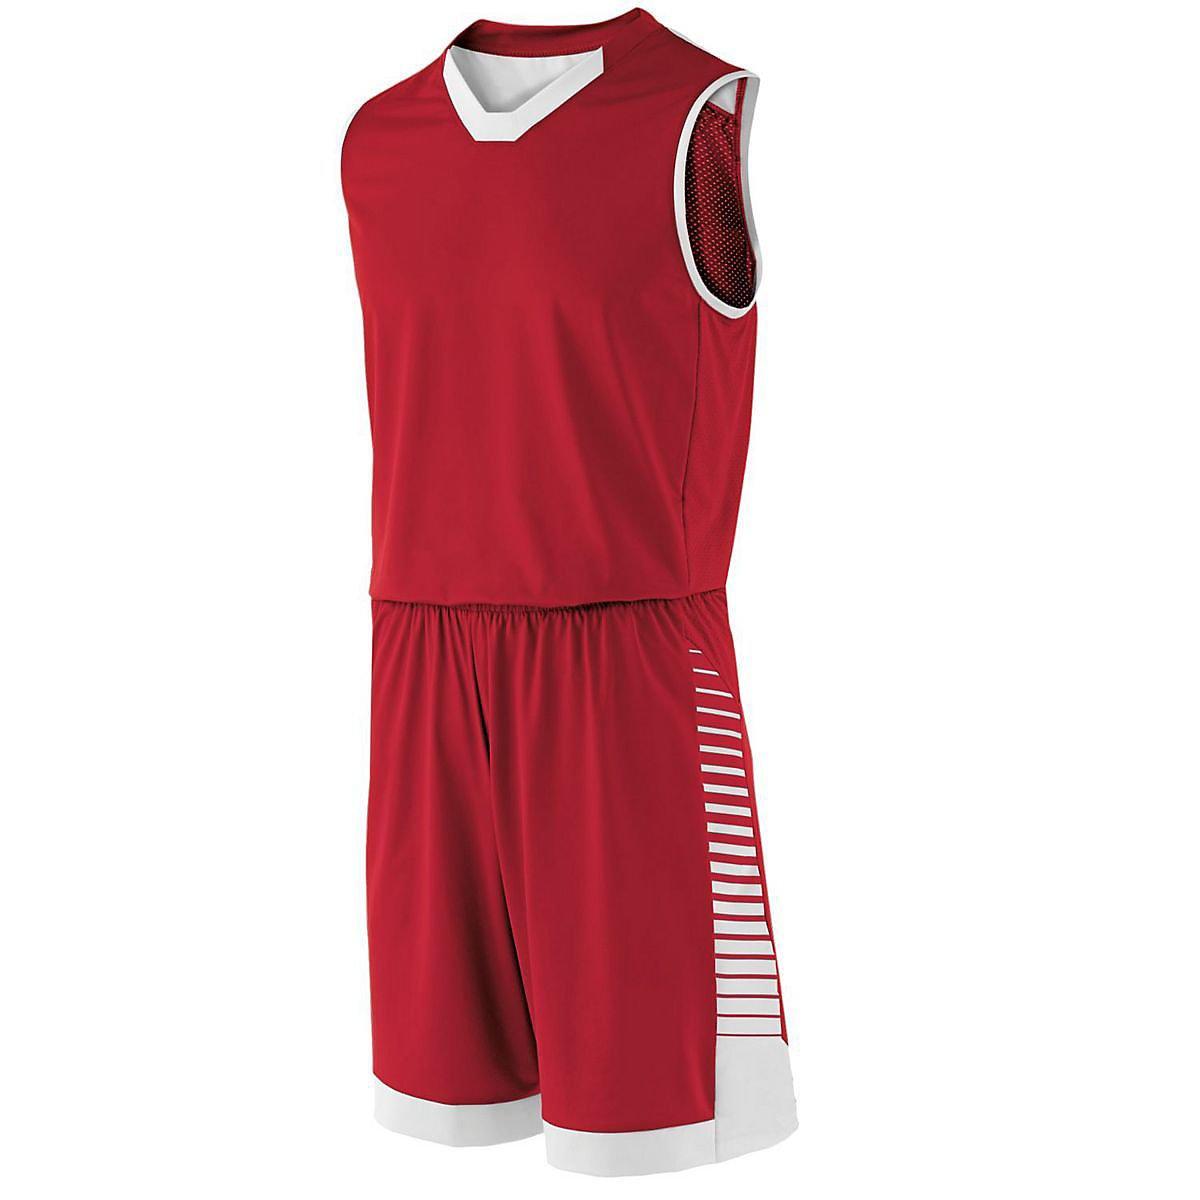 Boys' Arc Jersey Holloway Sportswear L Scarlet/White